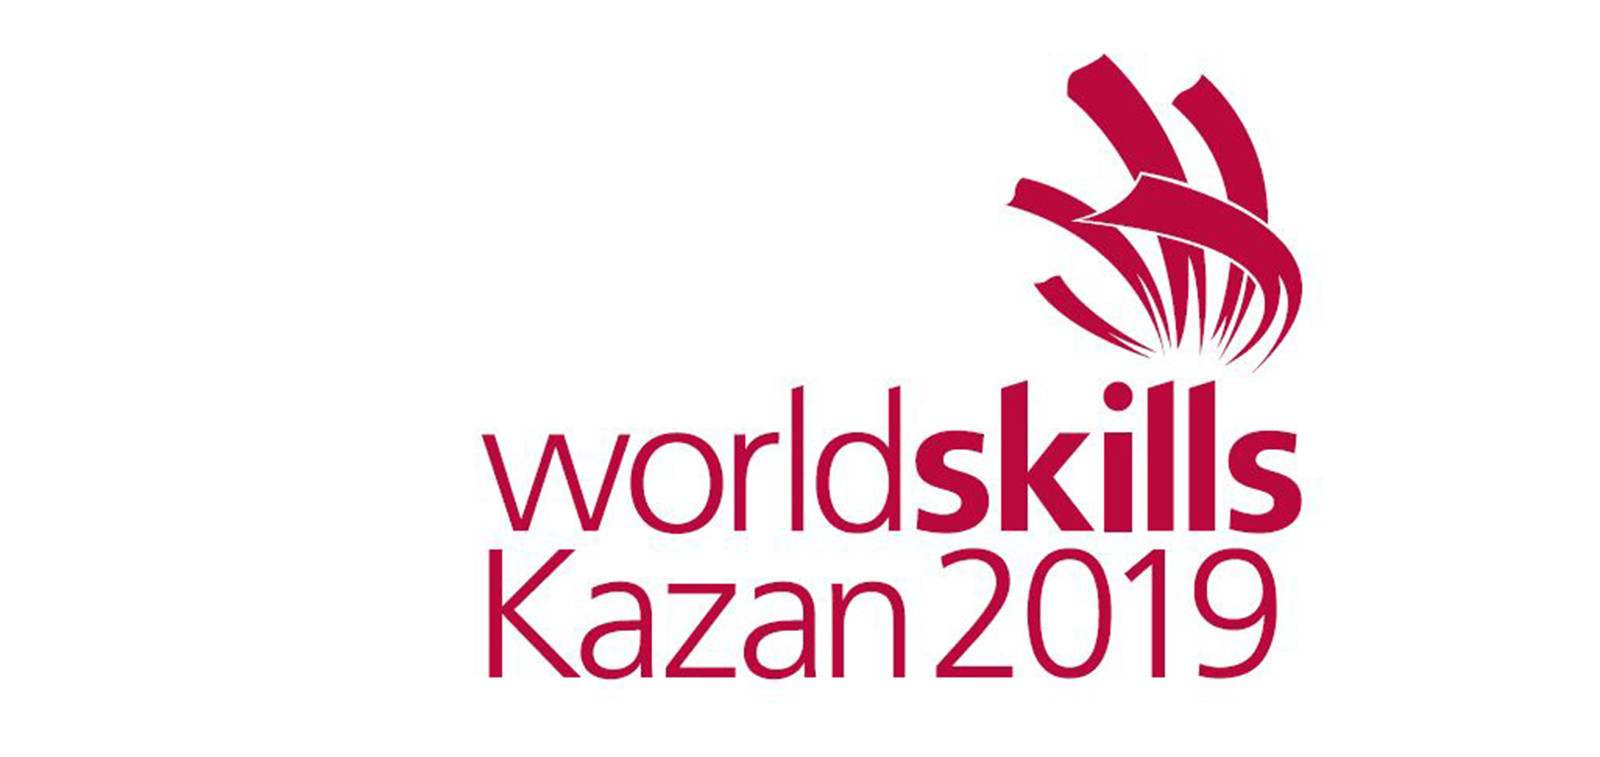 WorldSkills2019 logo